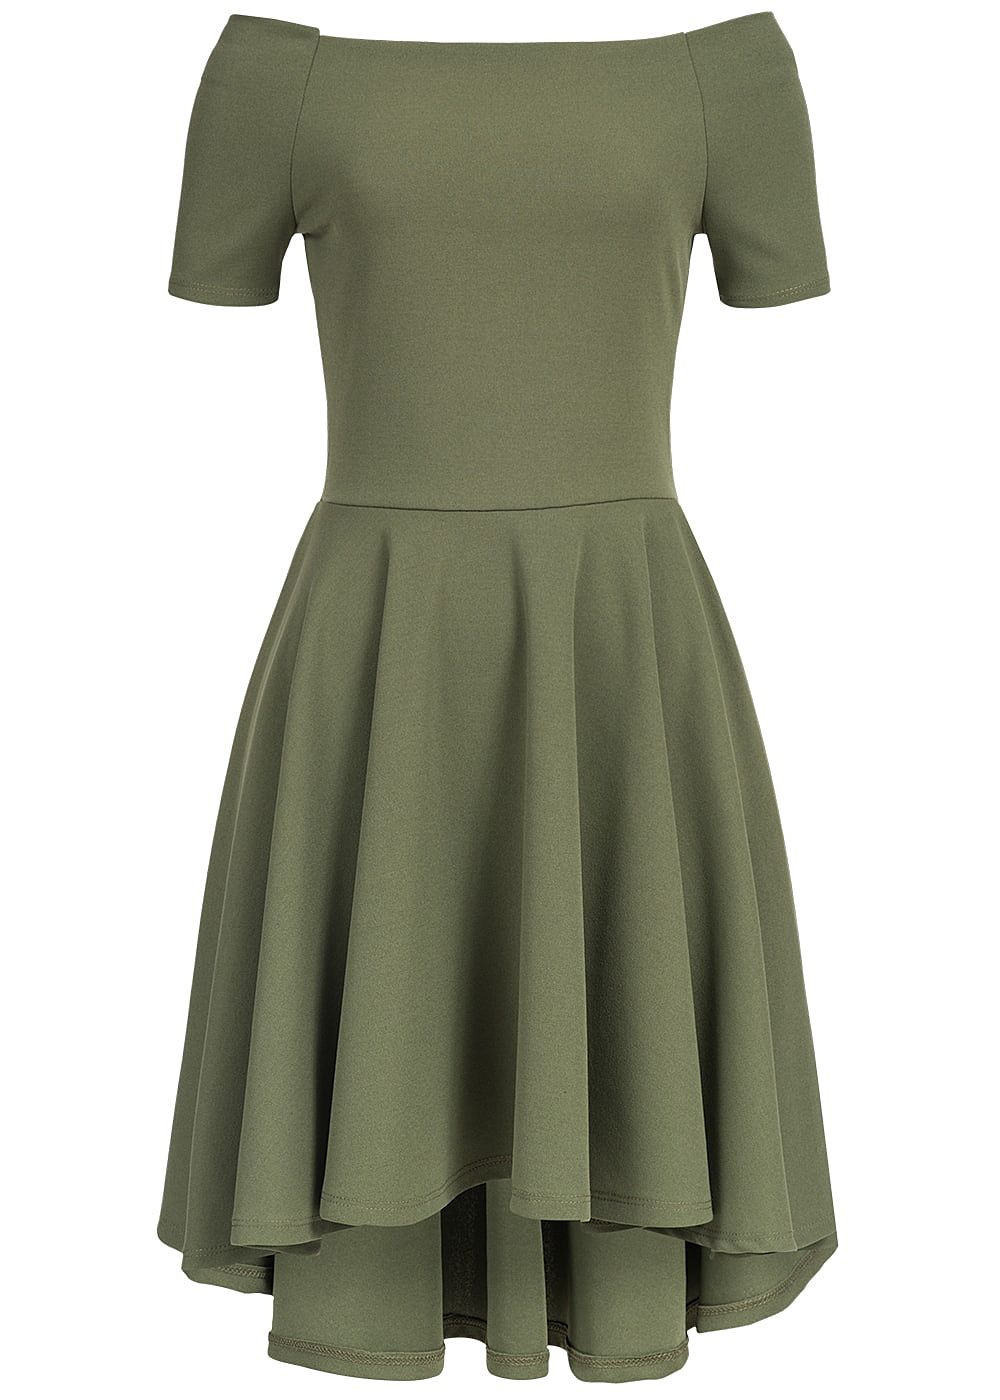 10 Leicht Kleid Grün Bester Preis Wunderbar Kleid Grün Boutique